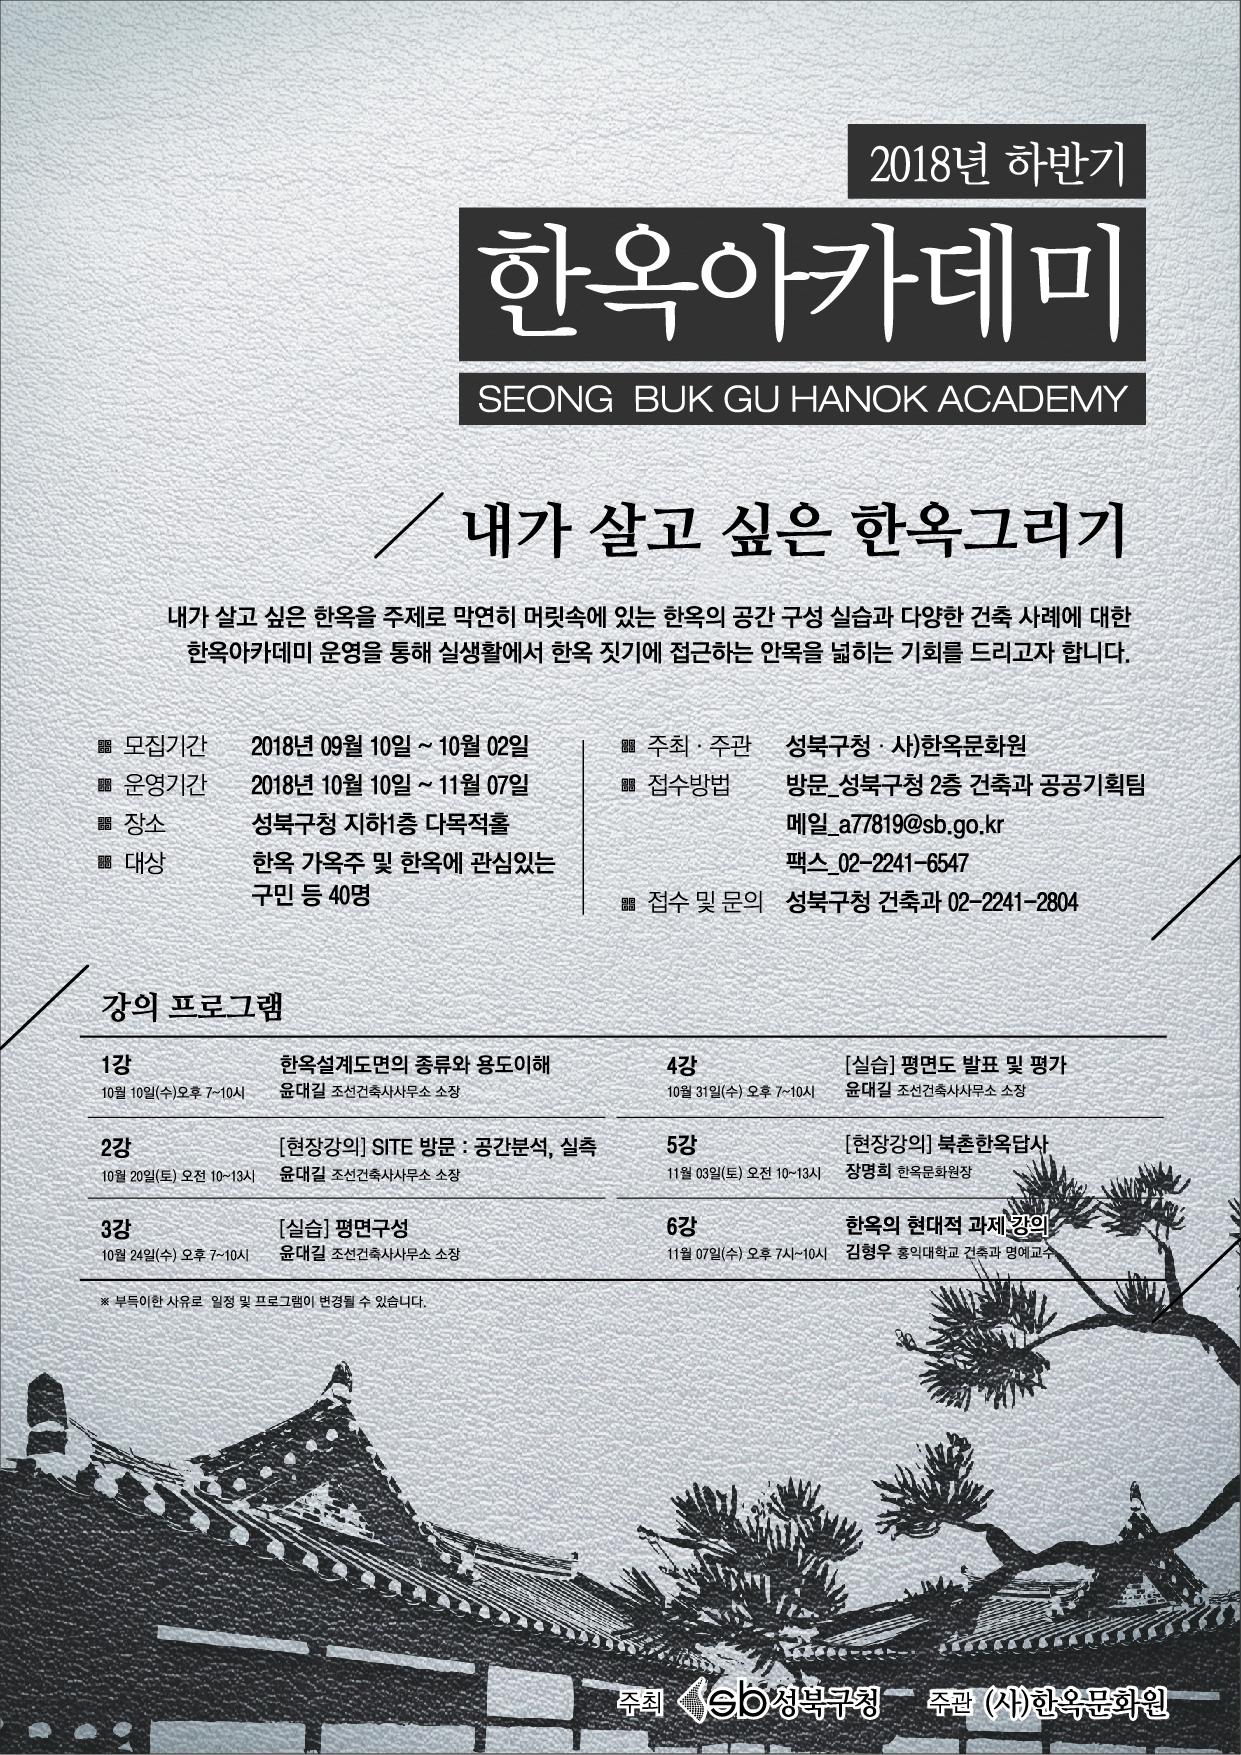 한옥아카데미_포스터_2018하.jpg